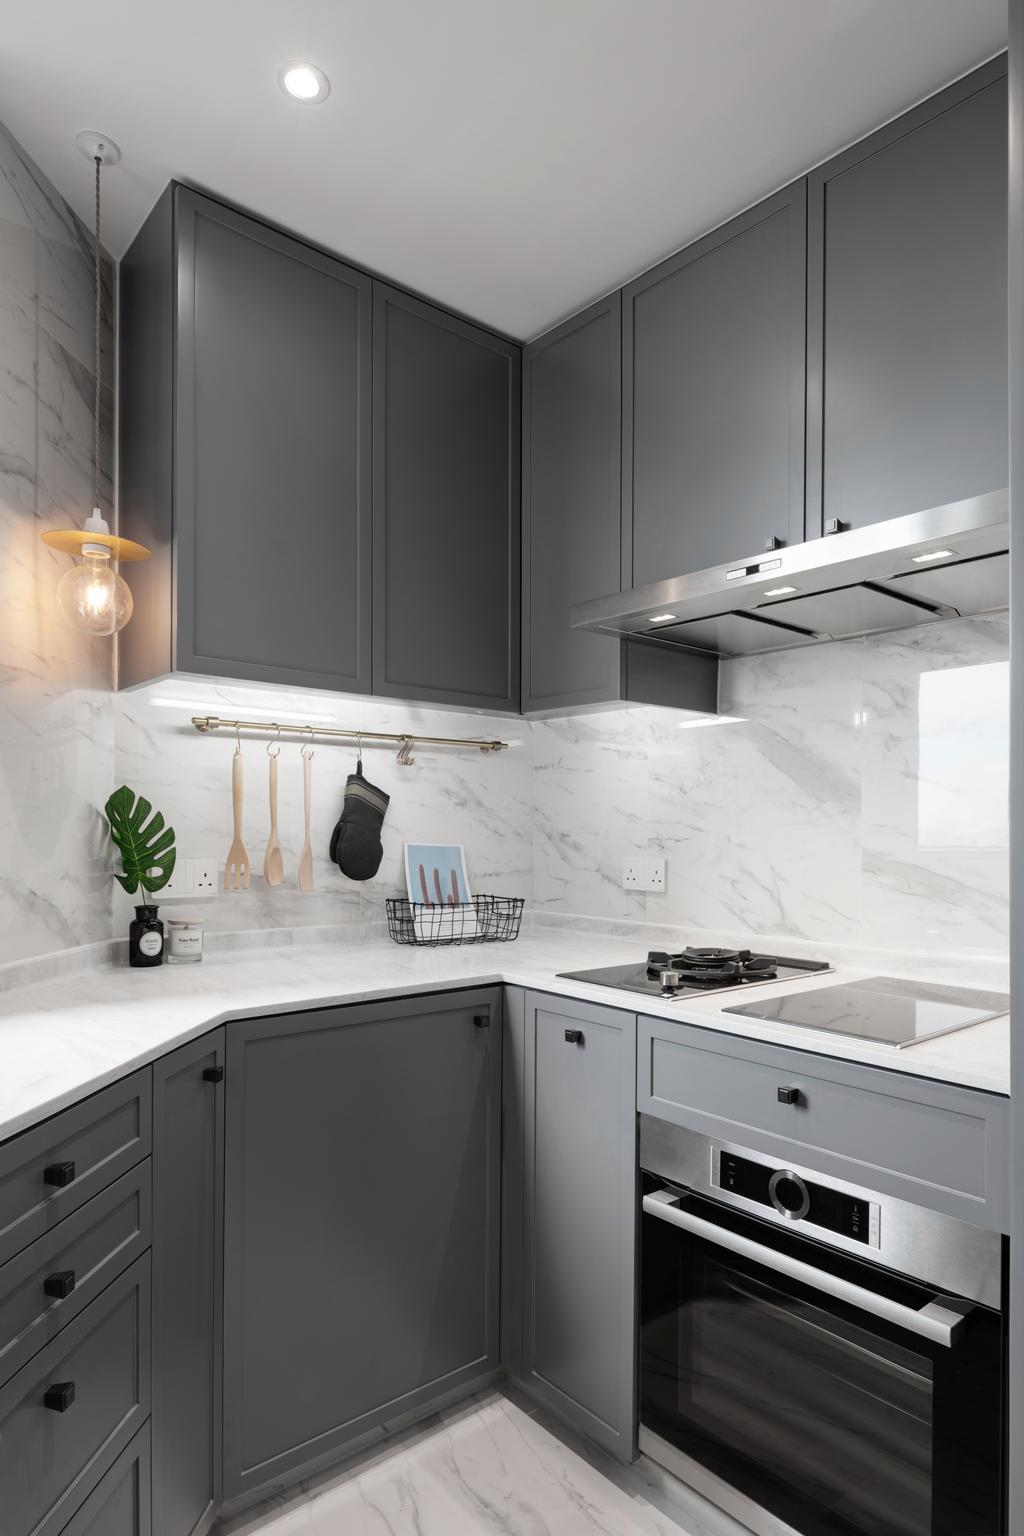 簡約, 私家樓, 廚房, 柏道2號, 室內設計師, N'creative, 摩登